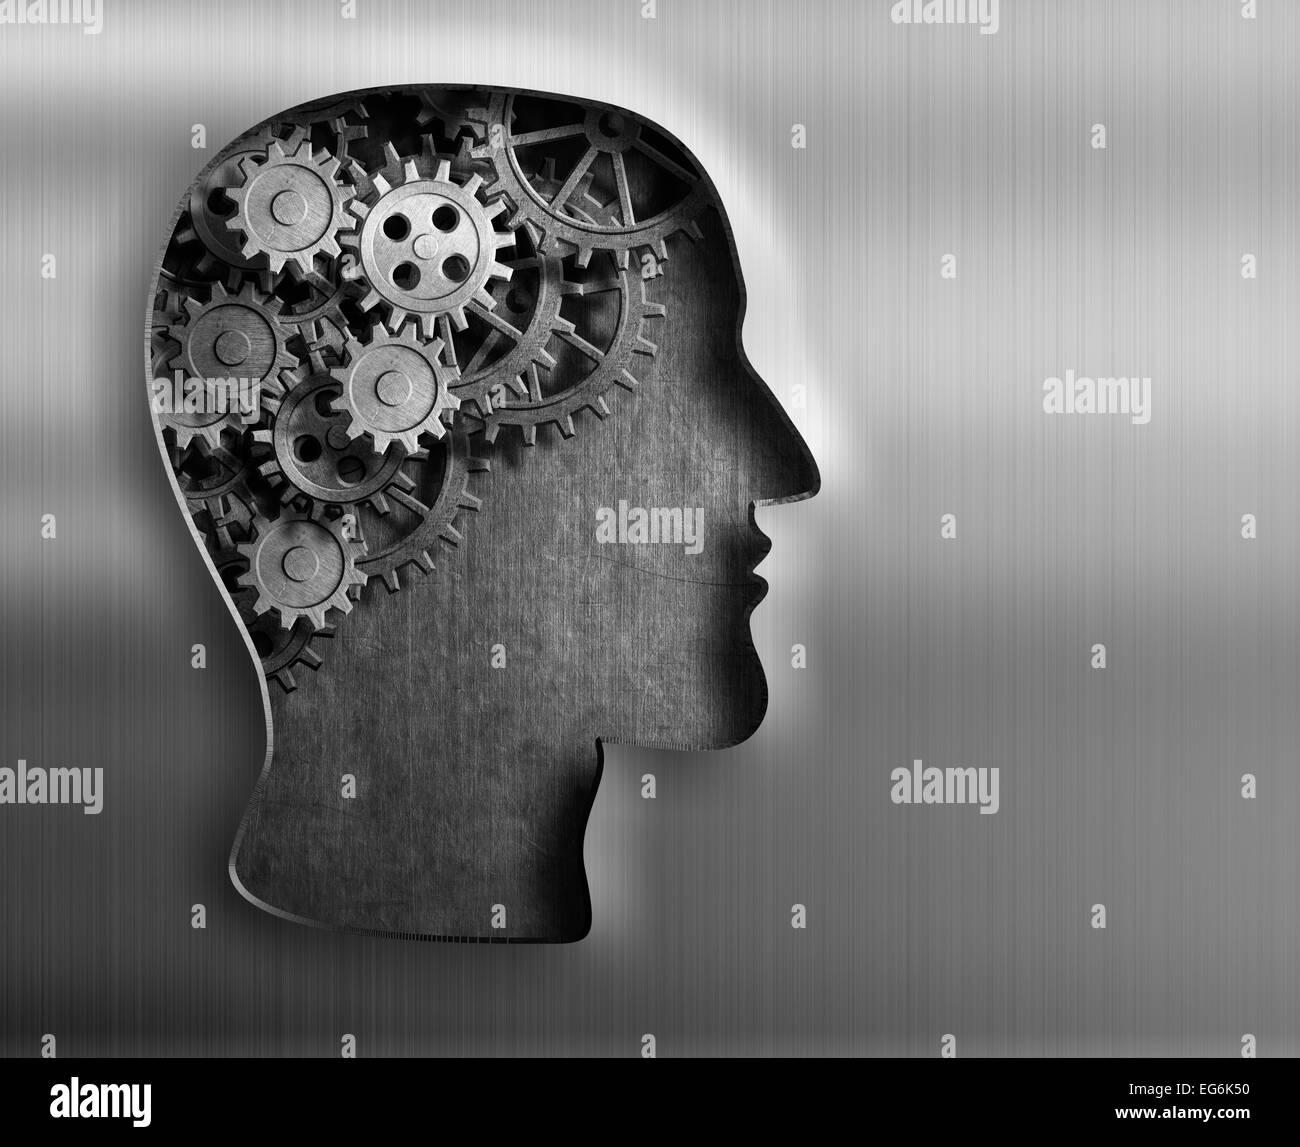 Modello del cervello da ingranaggi e ruote dentate in lamiera. Immagini Stock